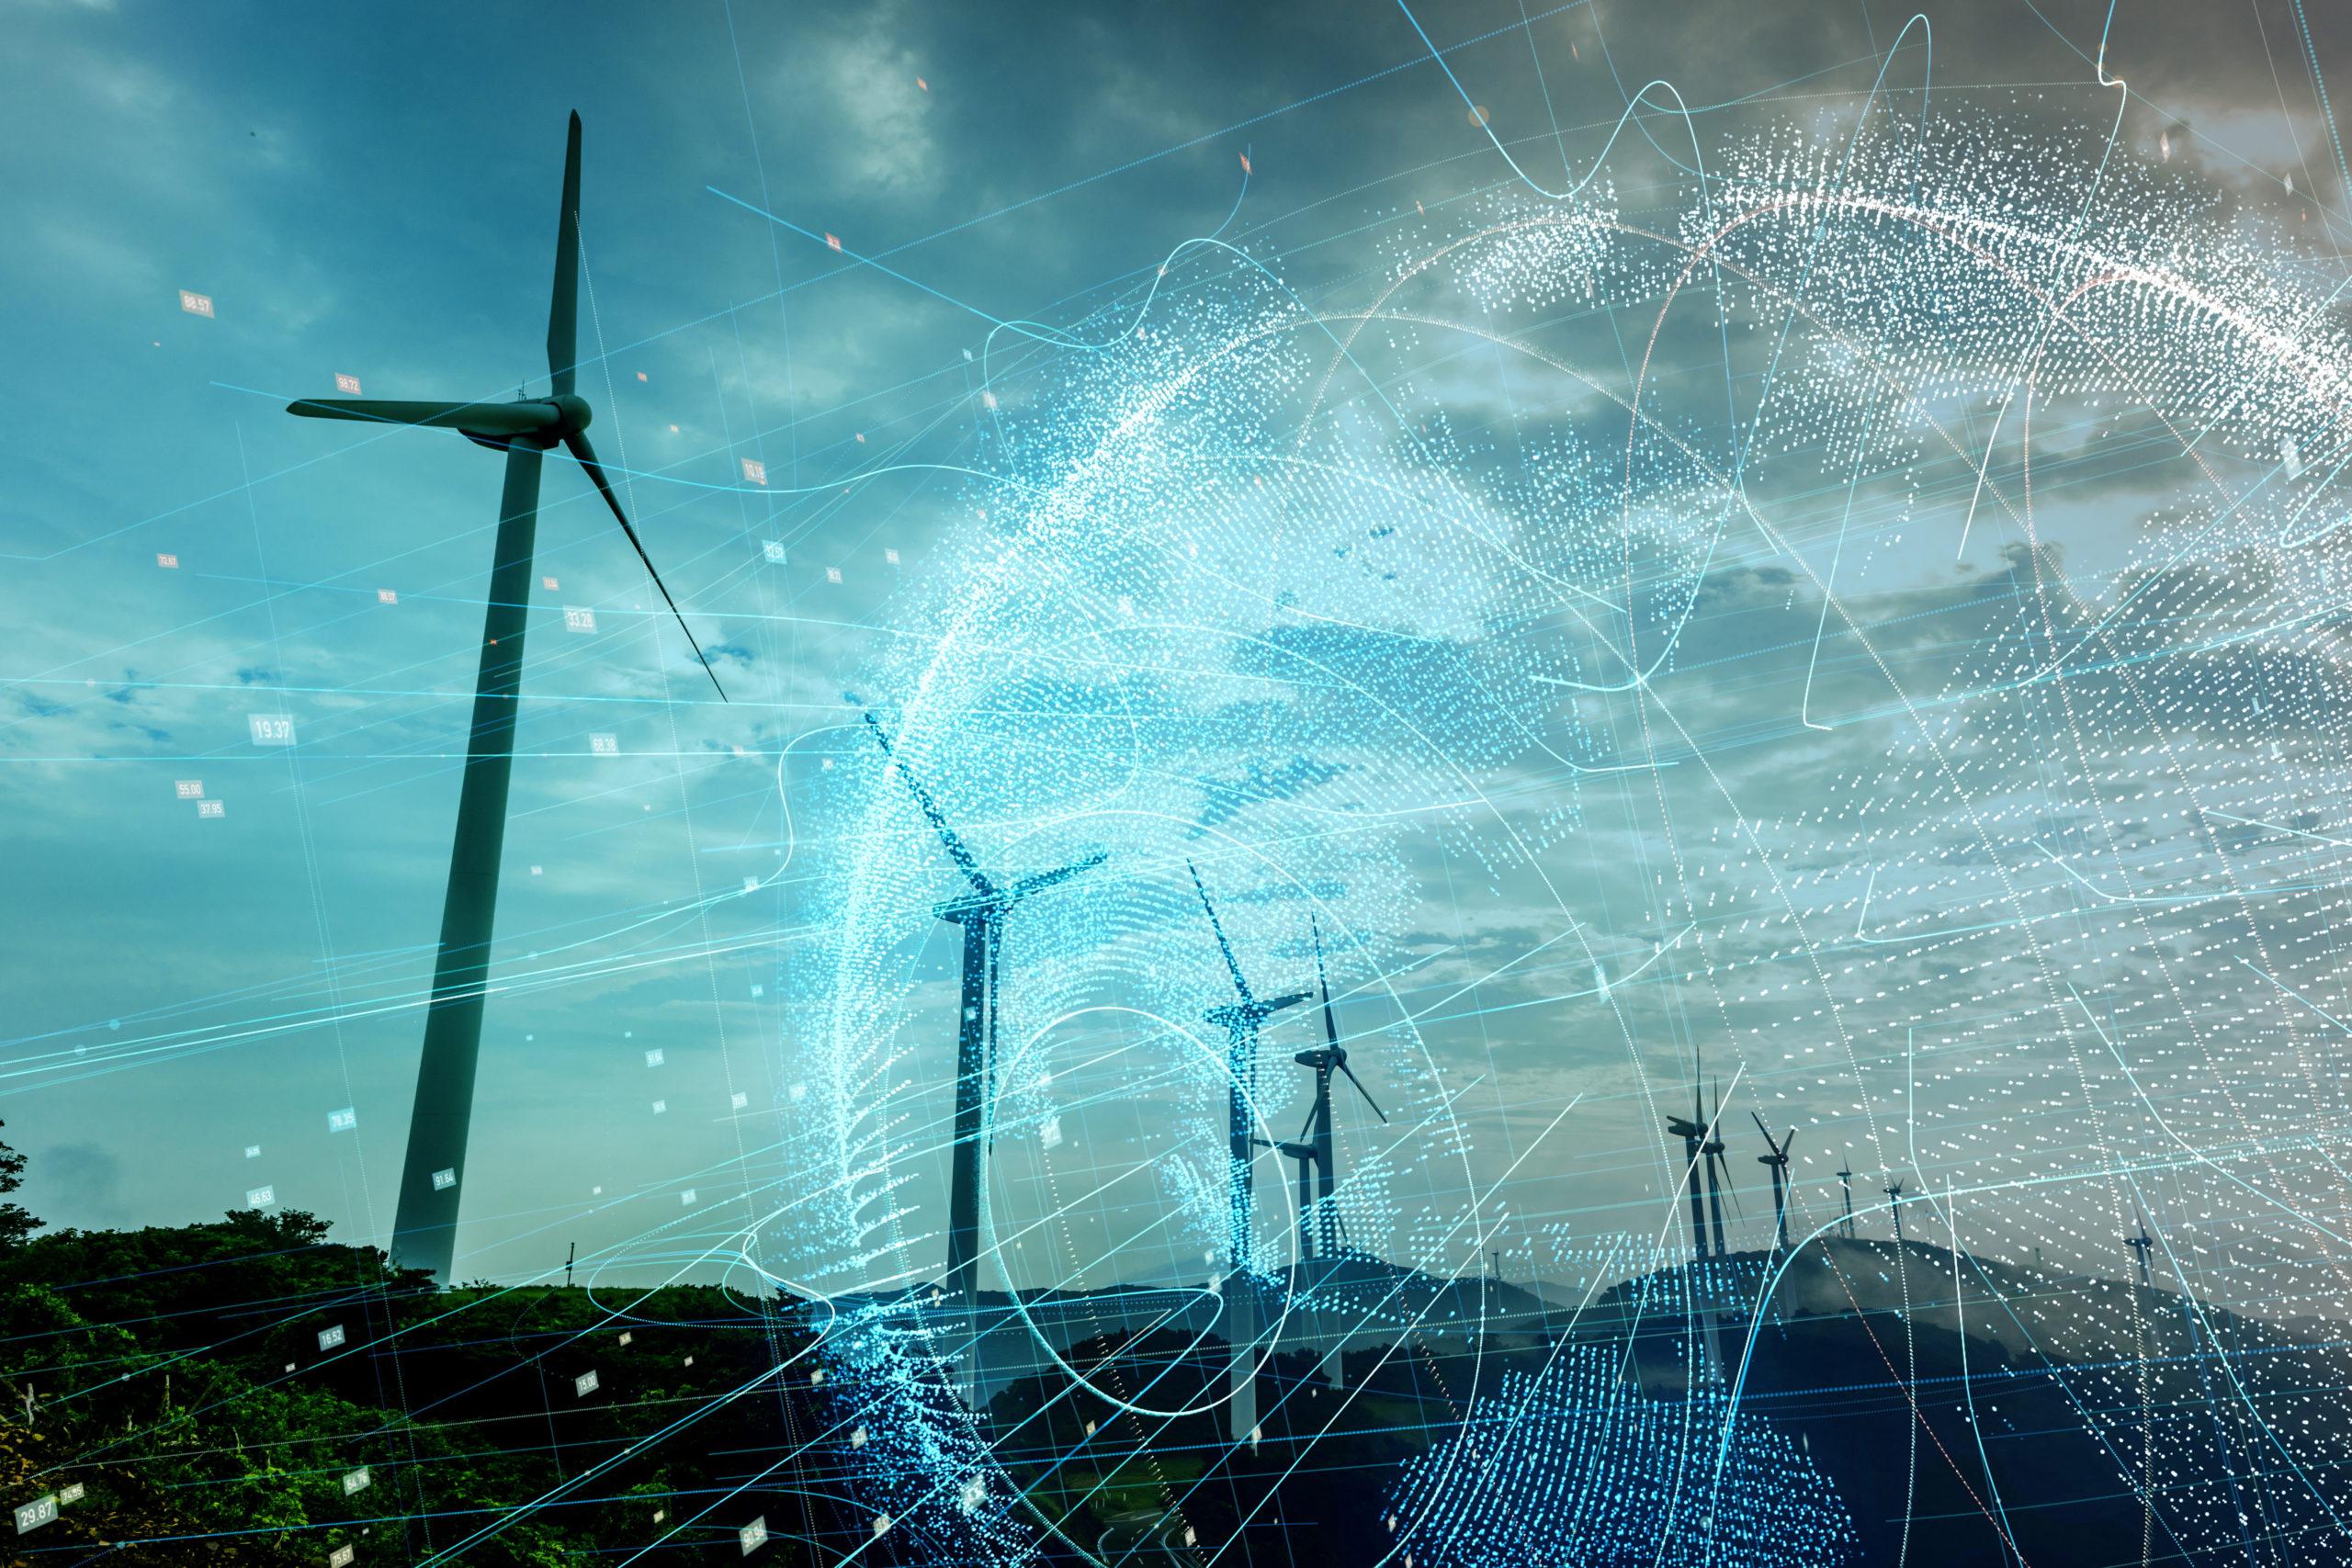 Assurer la réussite des projets IoT par la maîtrise globale des technologies mises en œuvre.